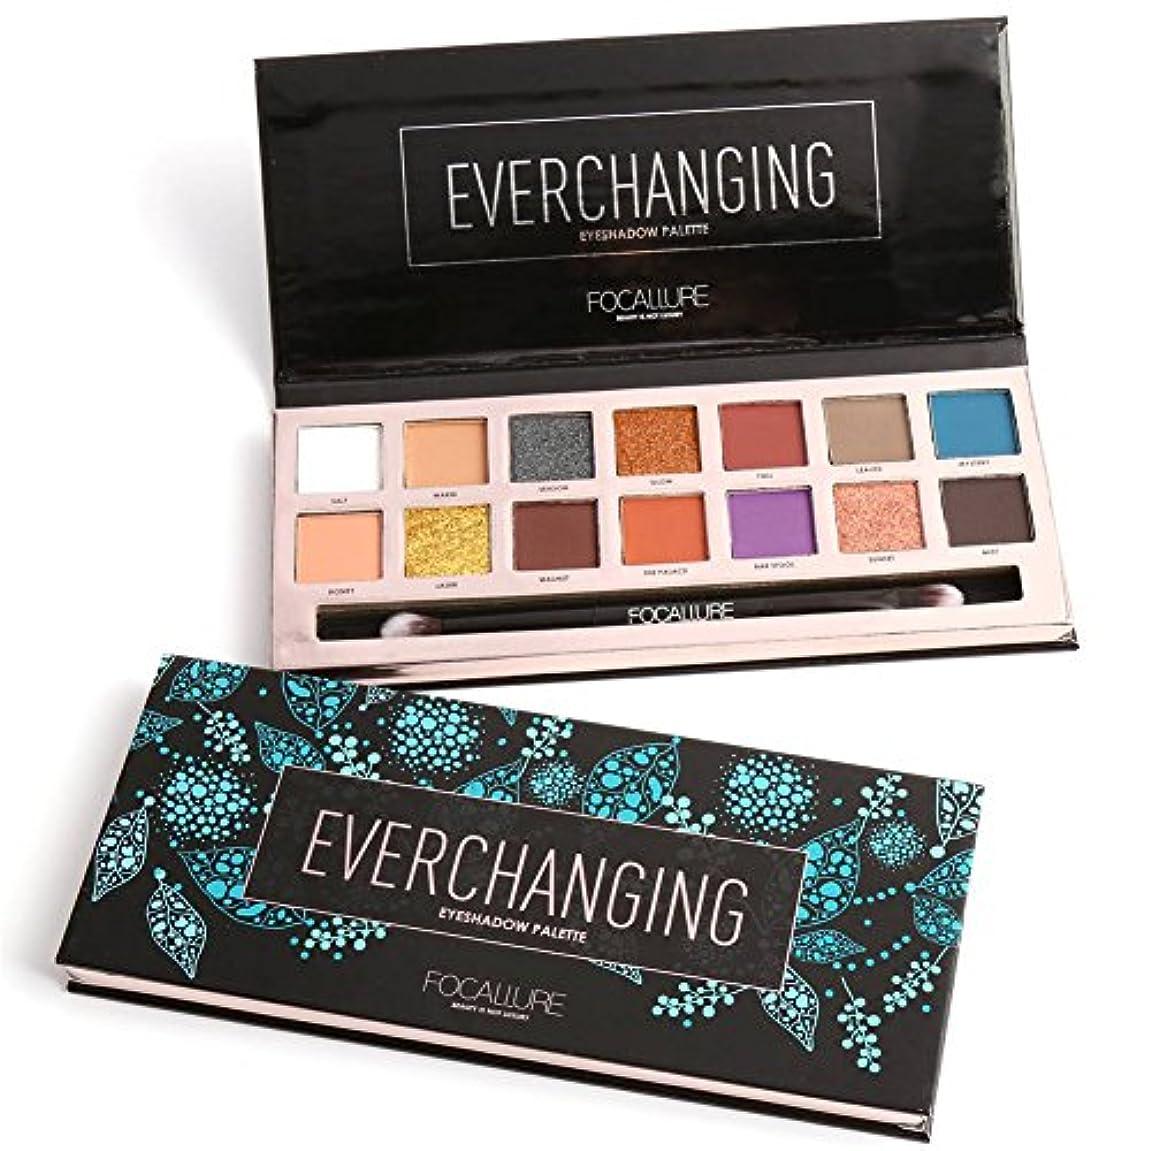 発見識別ひねり14 Colors Eyeshadow Palette Matte Glitter Shimmer Everchanging Eyeshadow Palette with Brush 14色のマット?グリッター?シマーEverchanging...